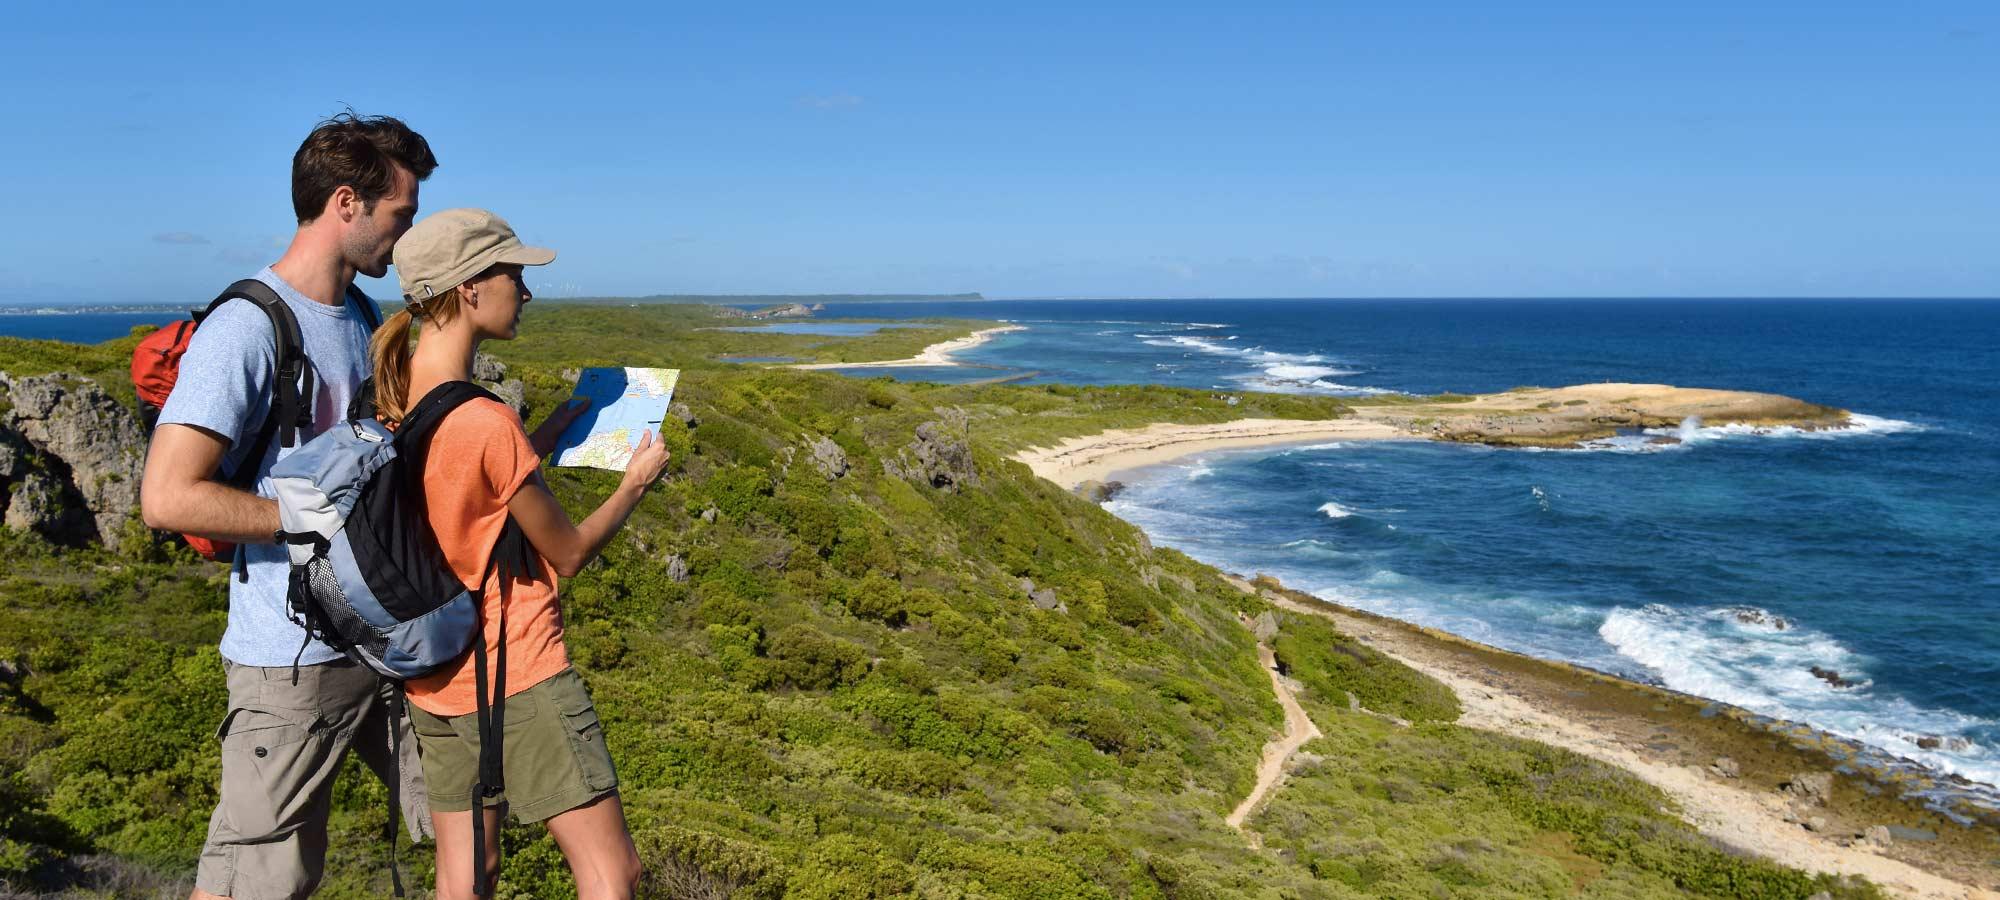 Le tourisme en hausse de 58% depuis 2011